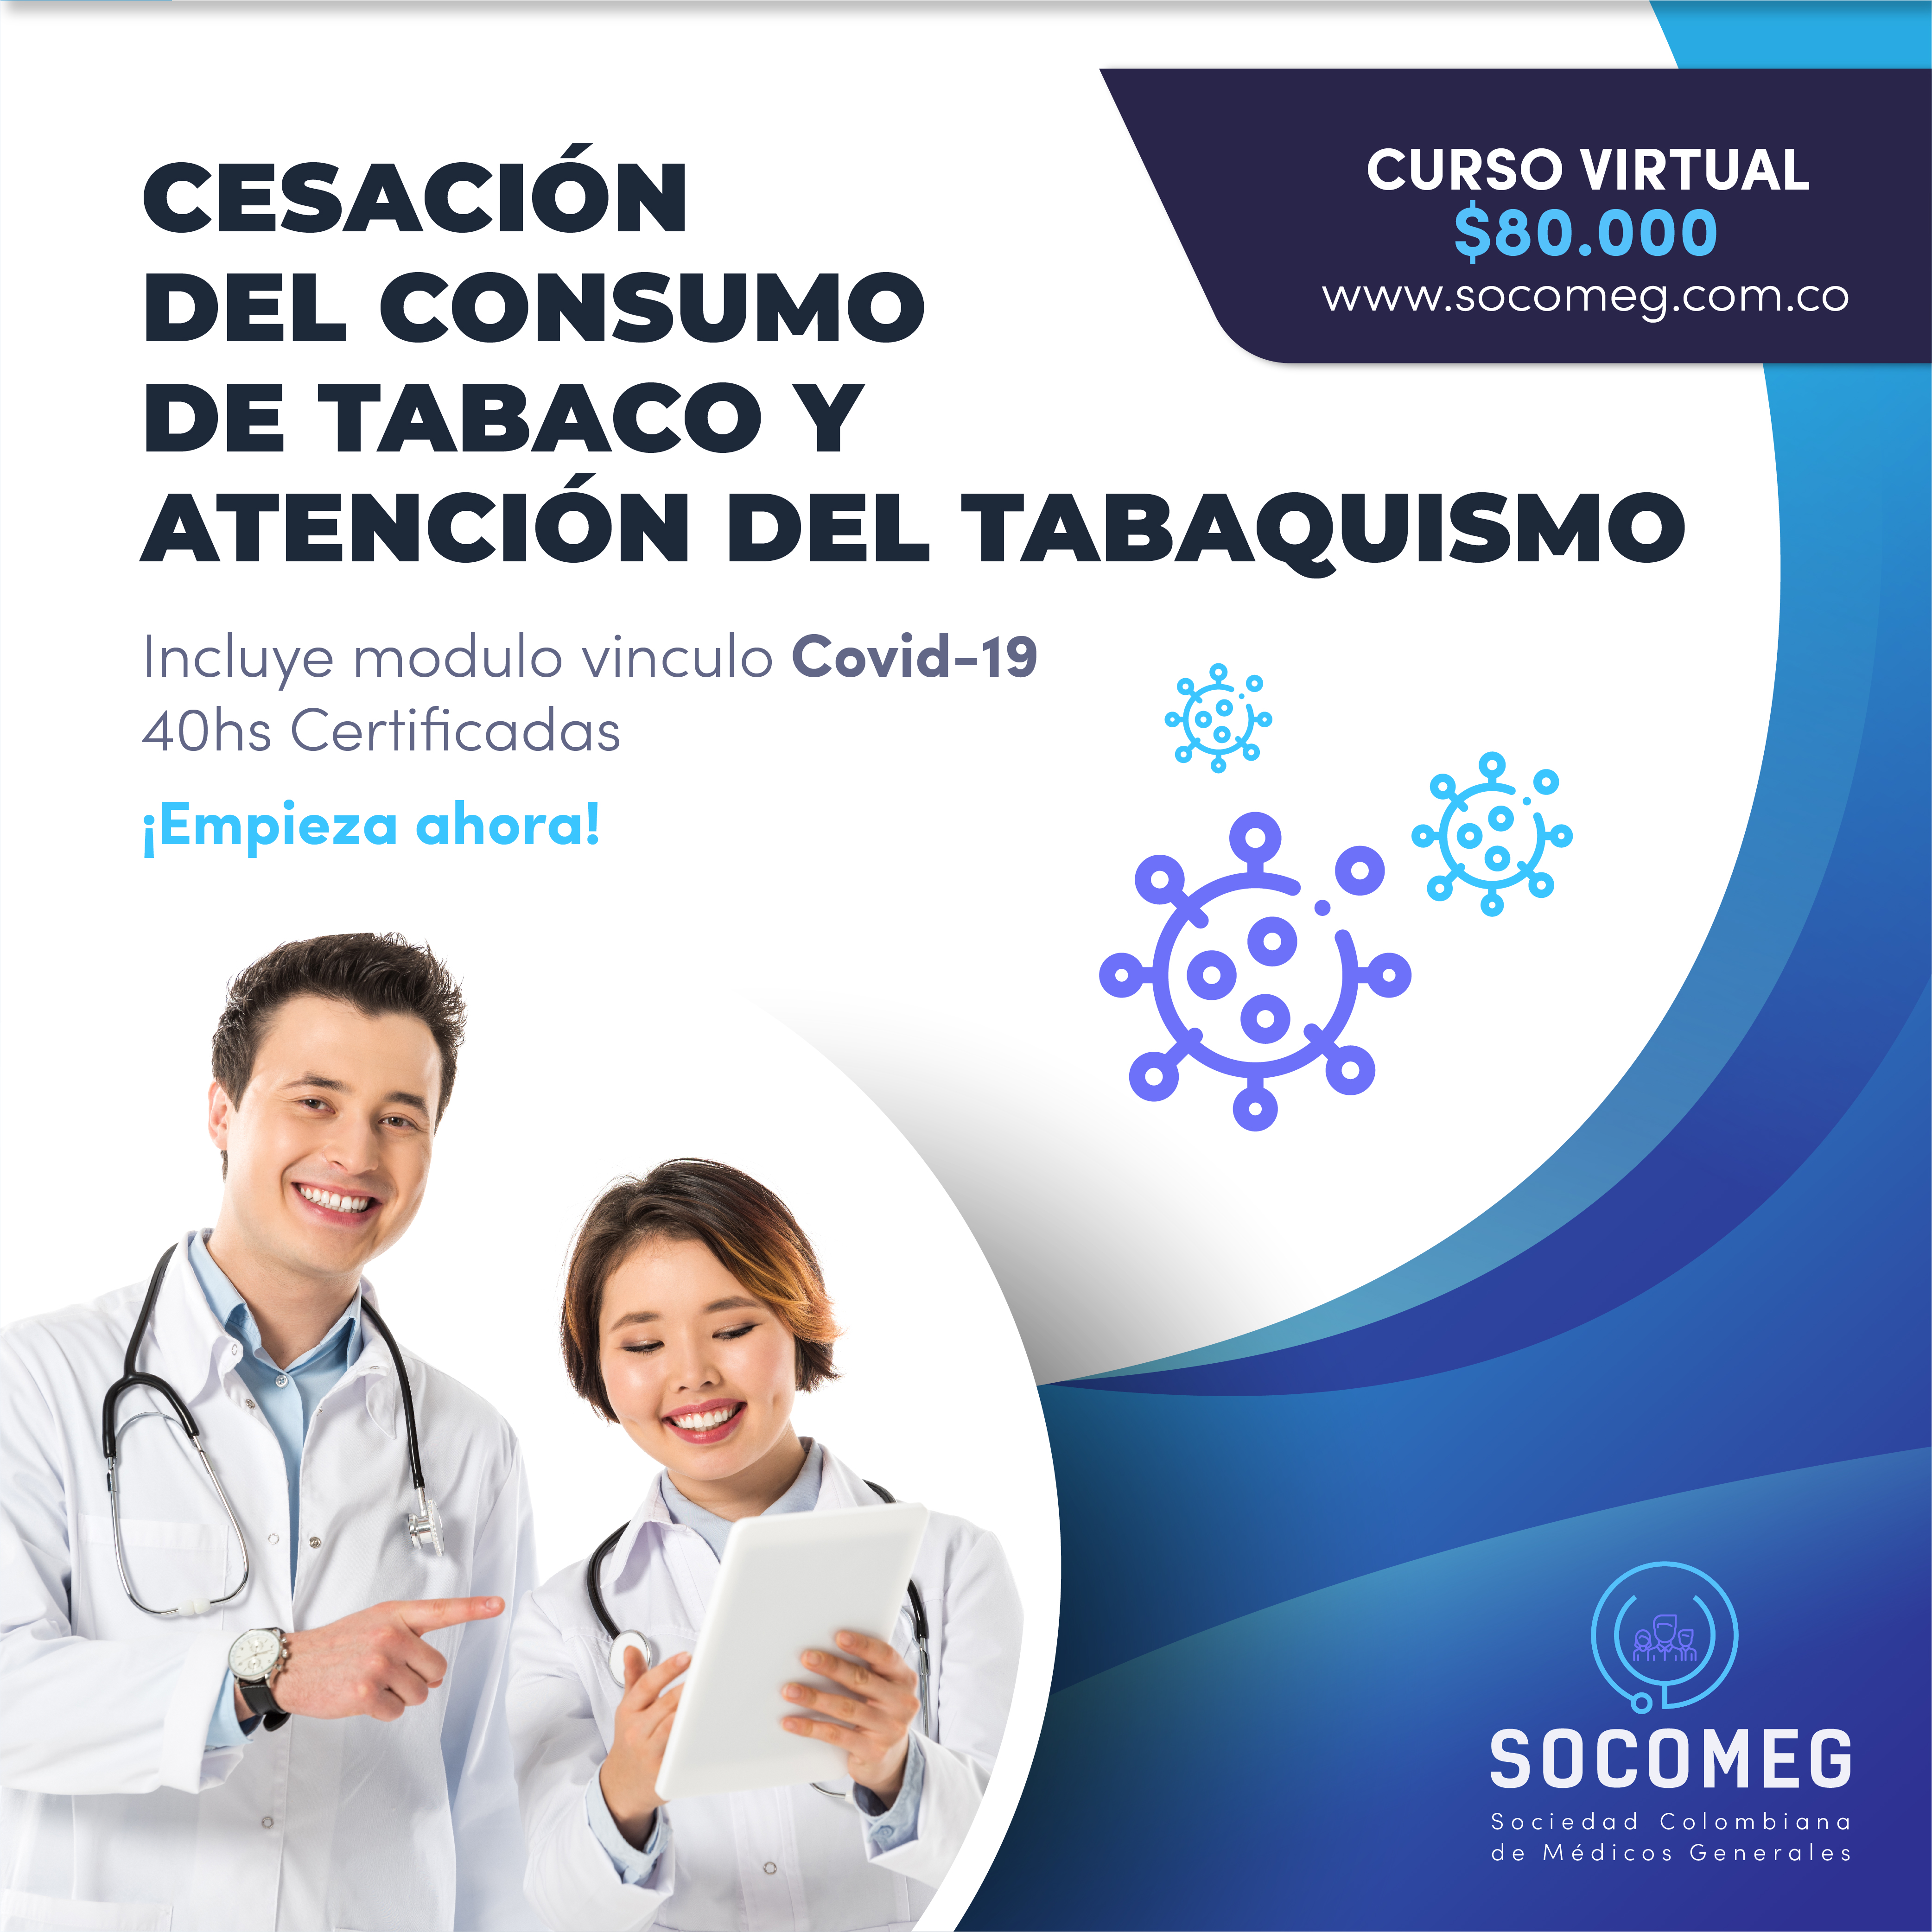 Curso de cesación de Tabaco